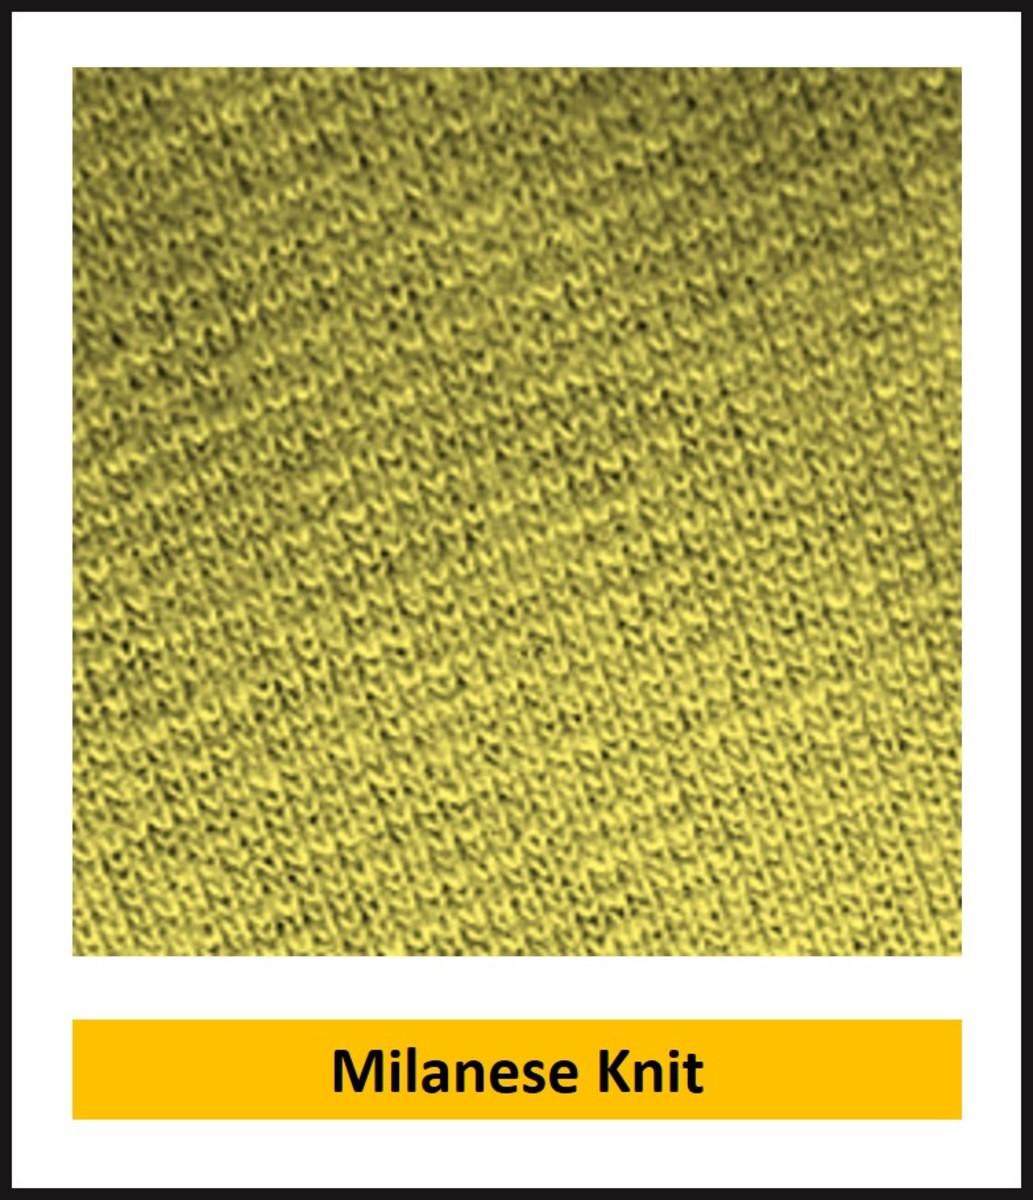 Milanese Knit